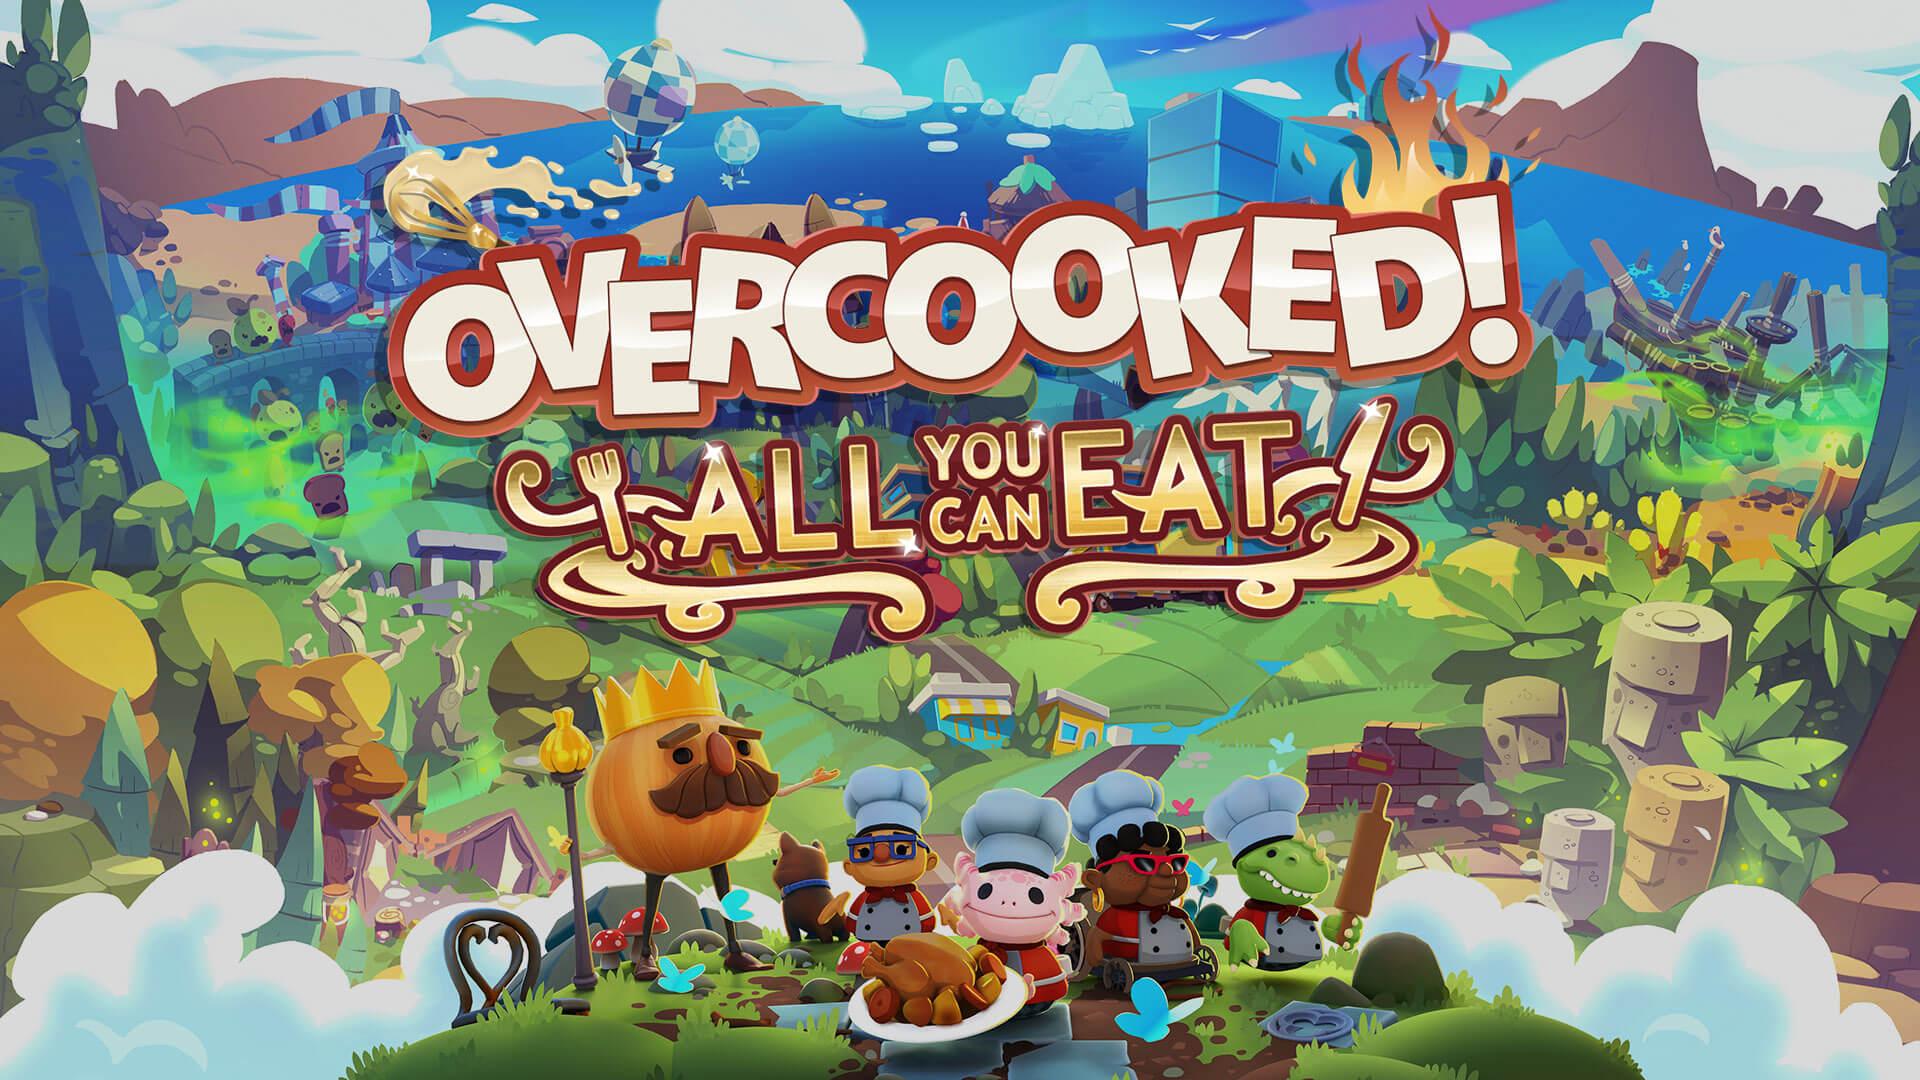 Análise: Overcooked: All You Can Eat traz boas melhorias - Última Ficha